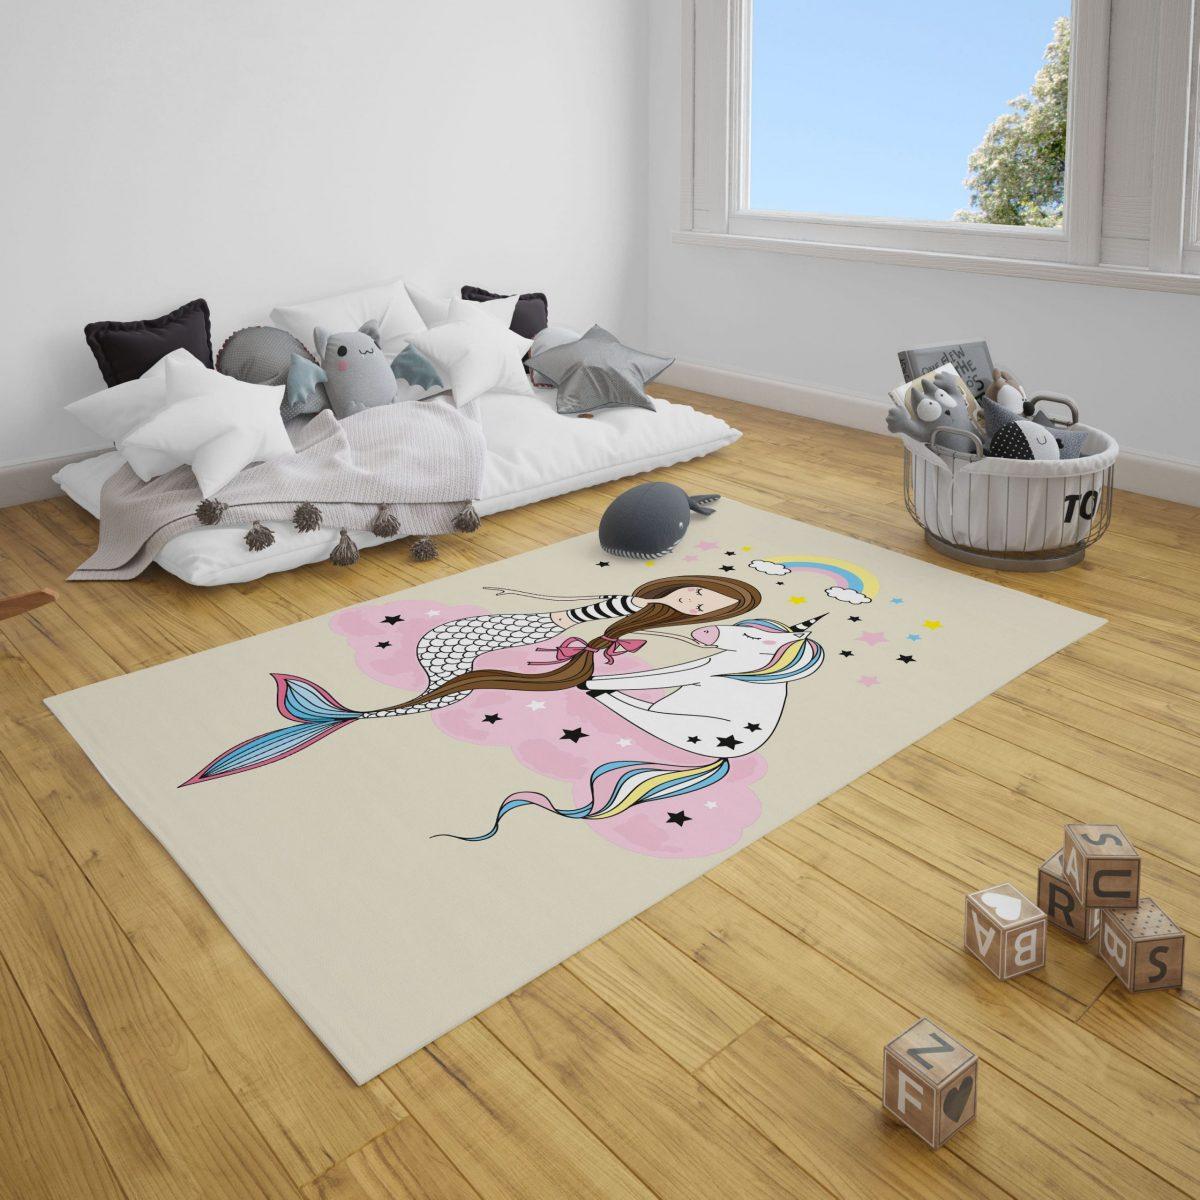 Unicorn ve Deniz Kızı Bebek ve Çocuk Odası Halı